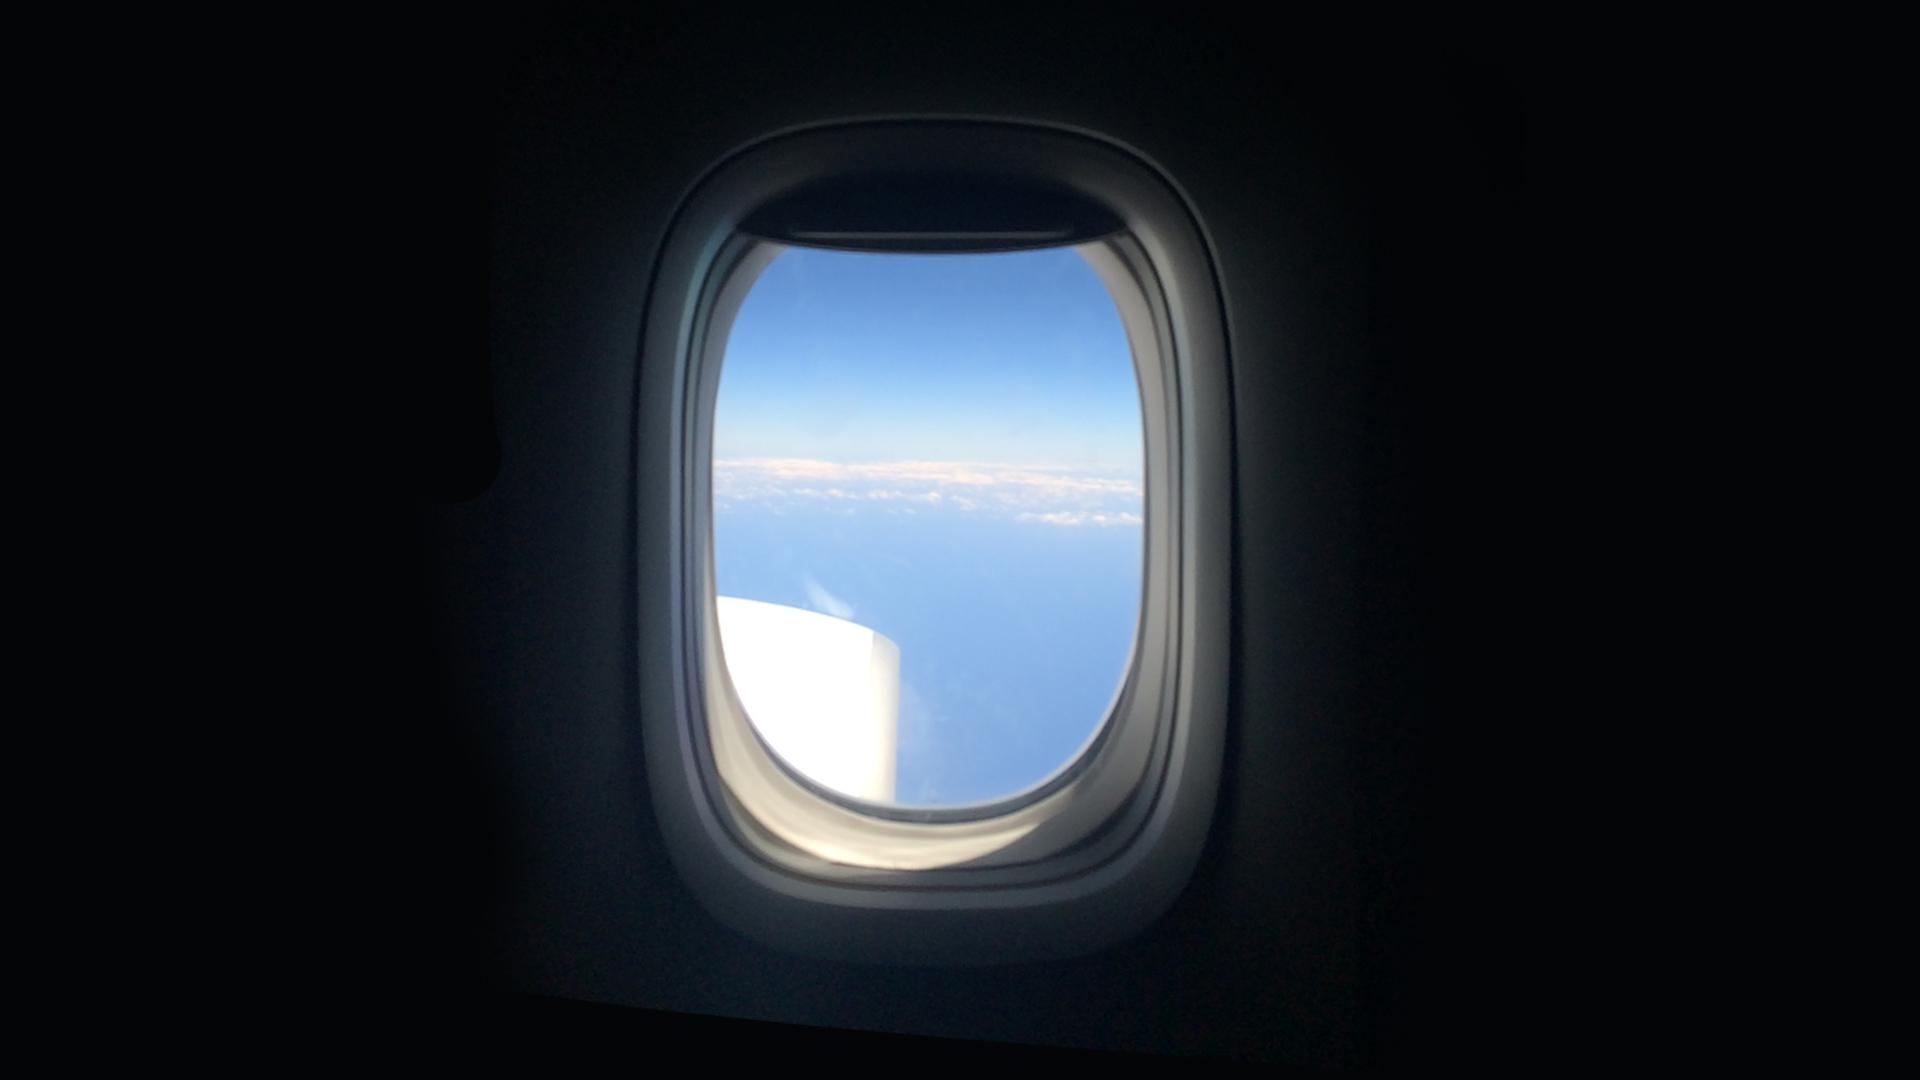 Lentokoneen ikkuna sisäpuolelta kuvattuna